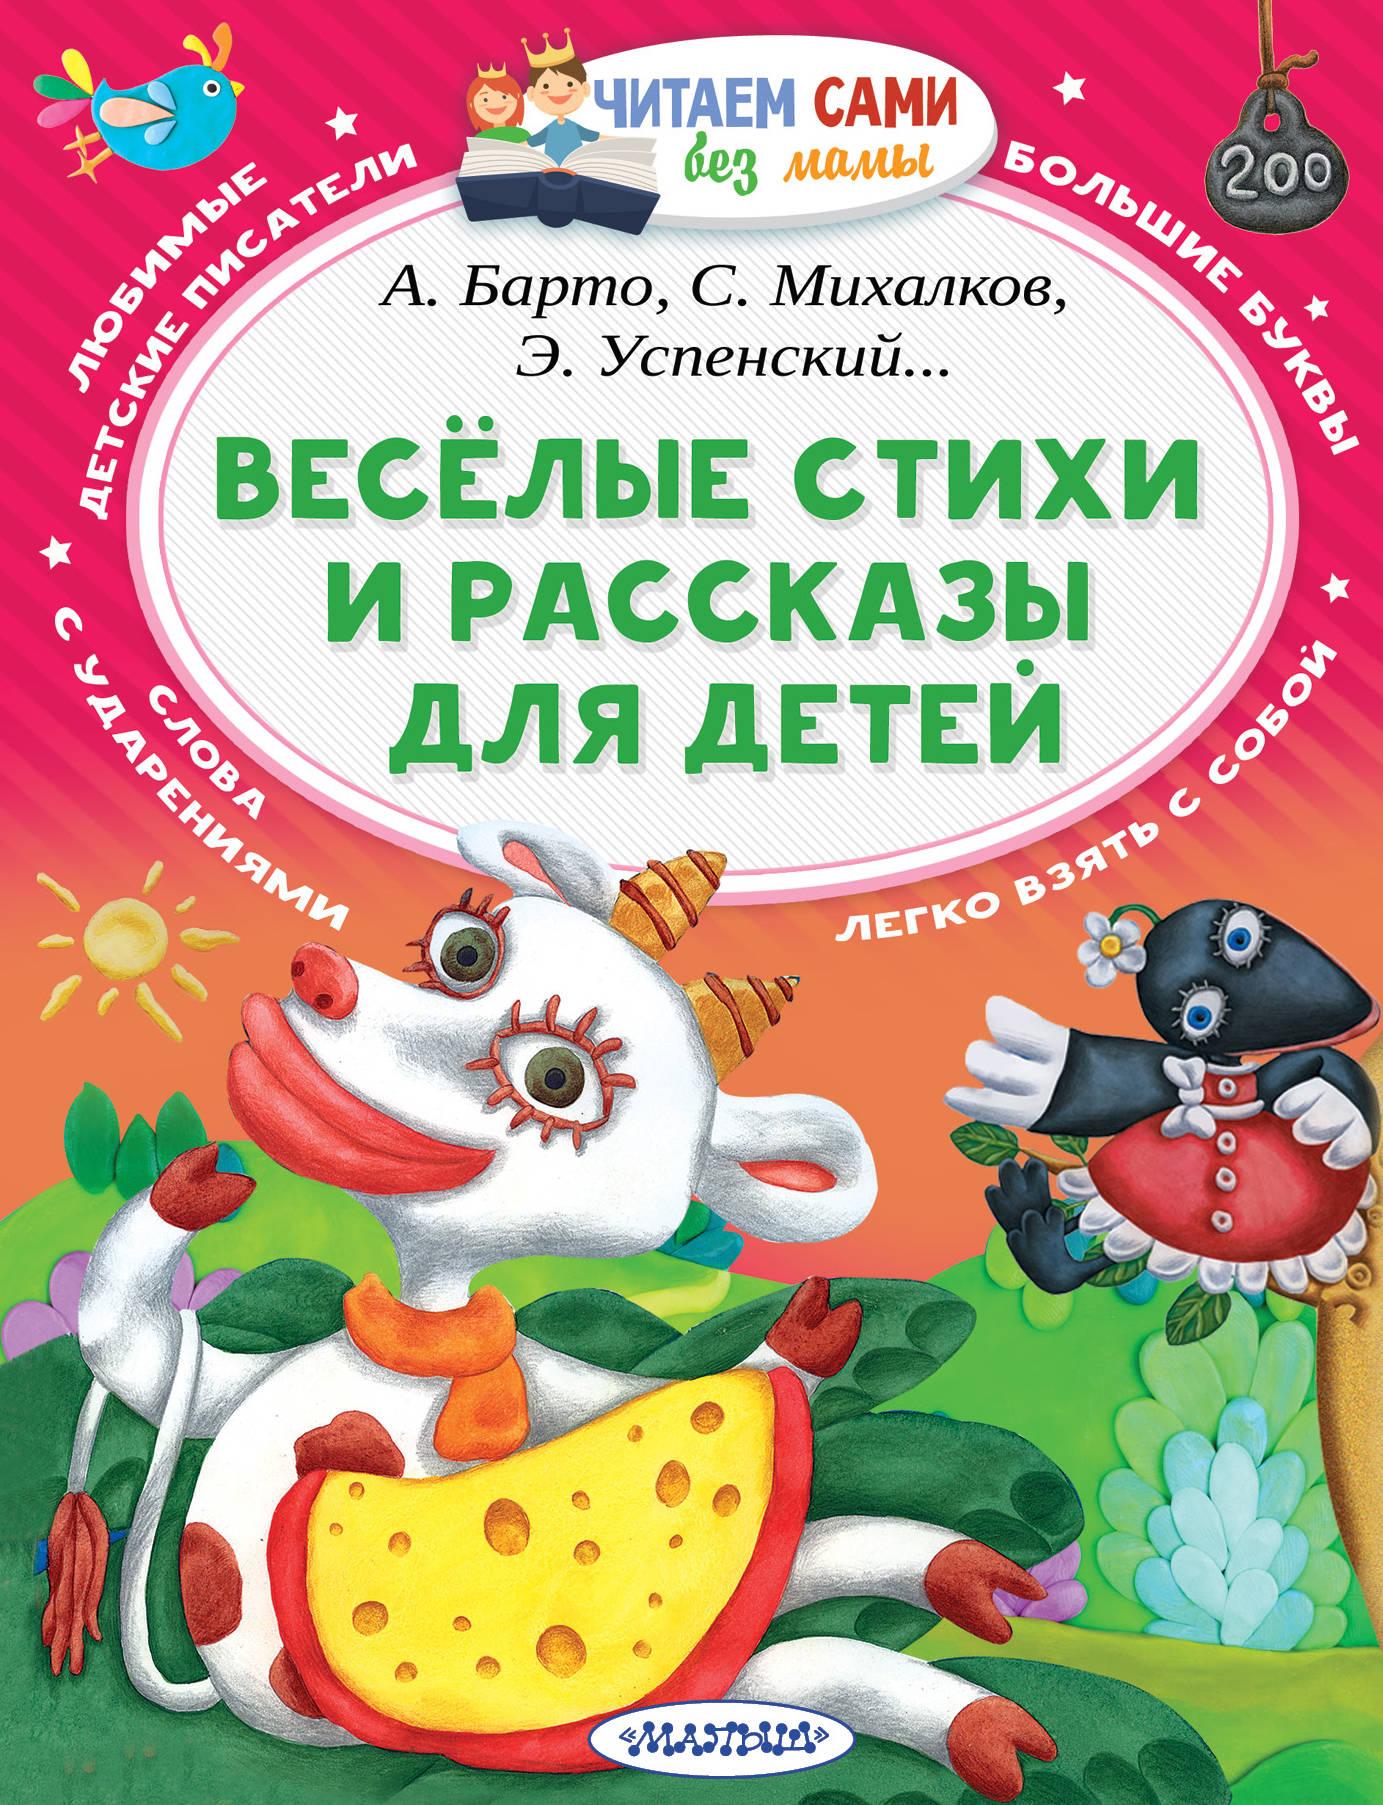 Весёлые стихи и рассказы для детей ( Михалков С.В.  )